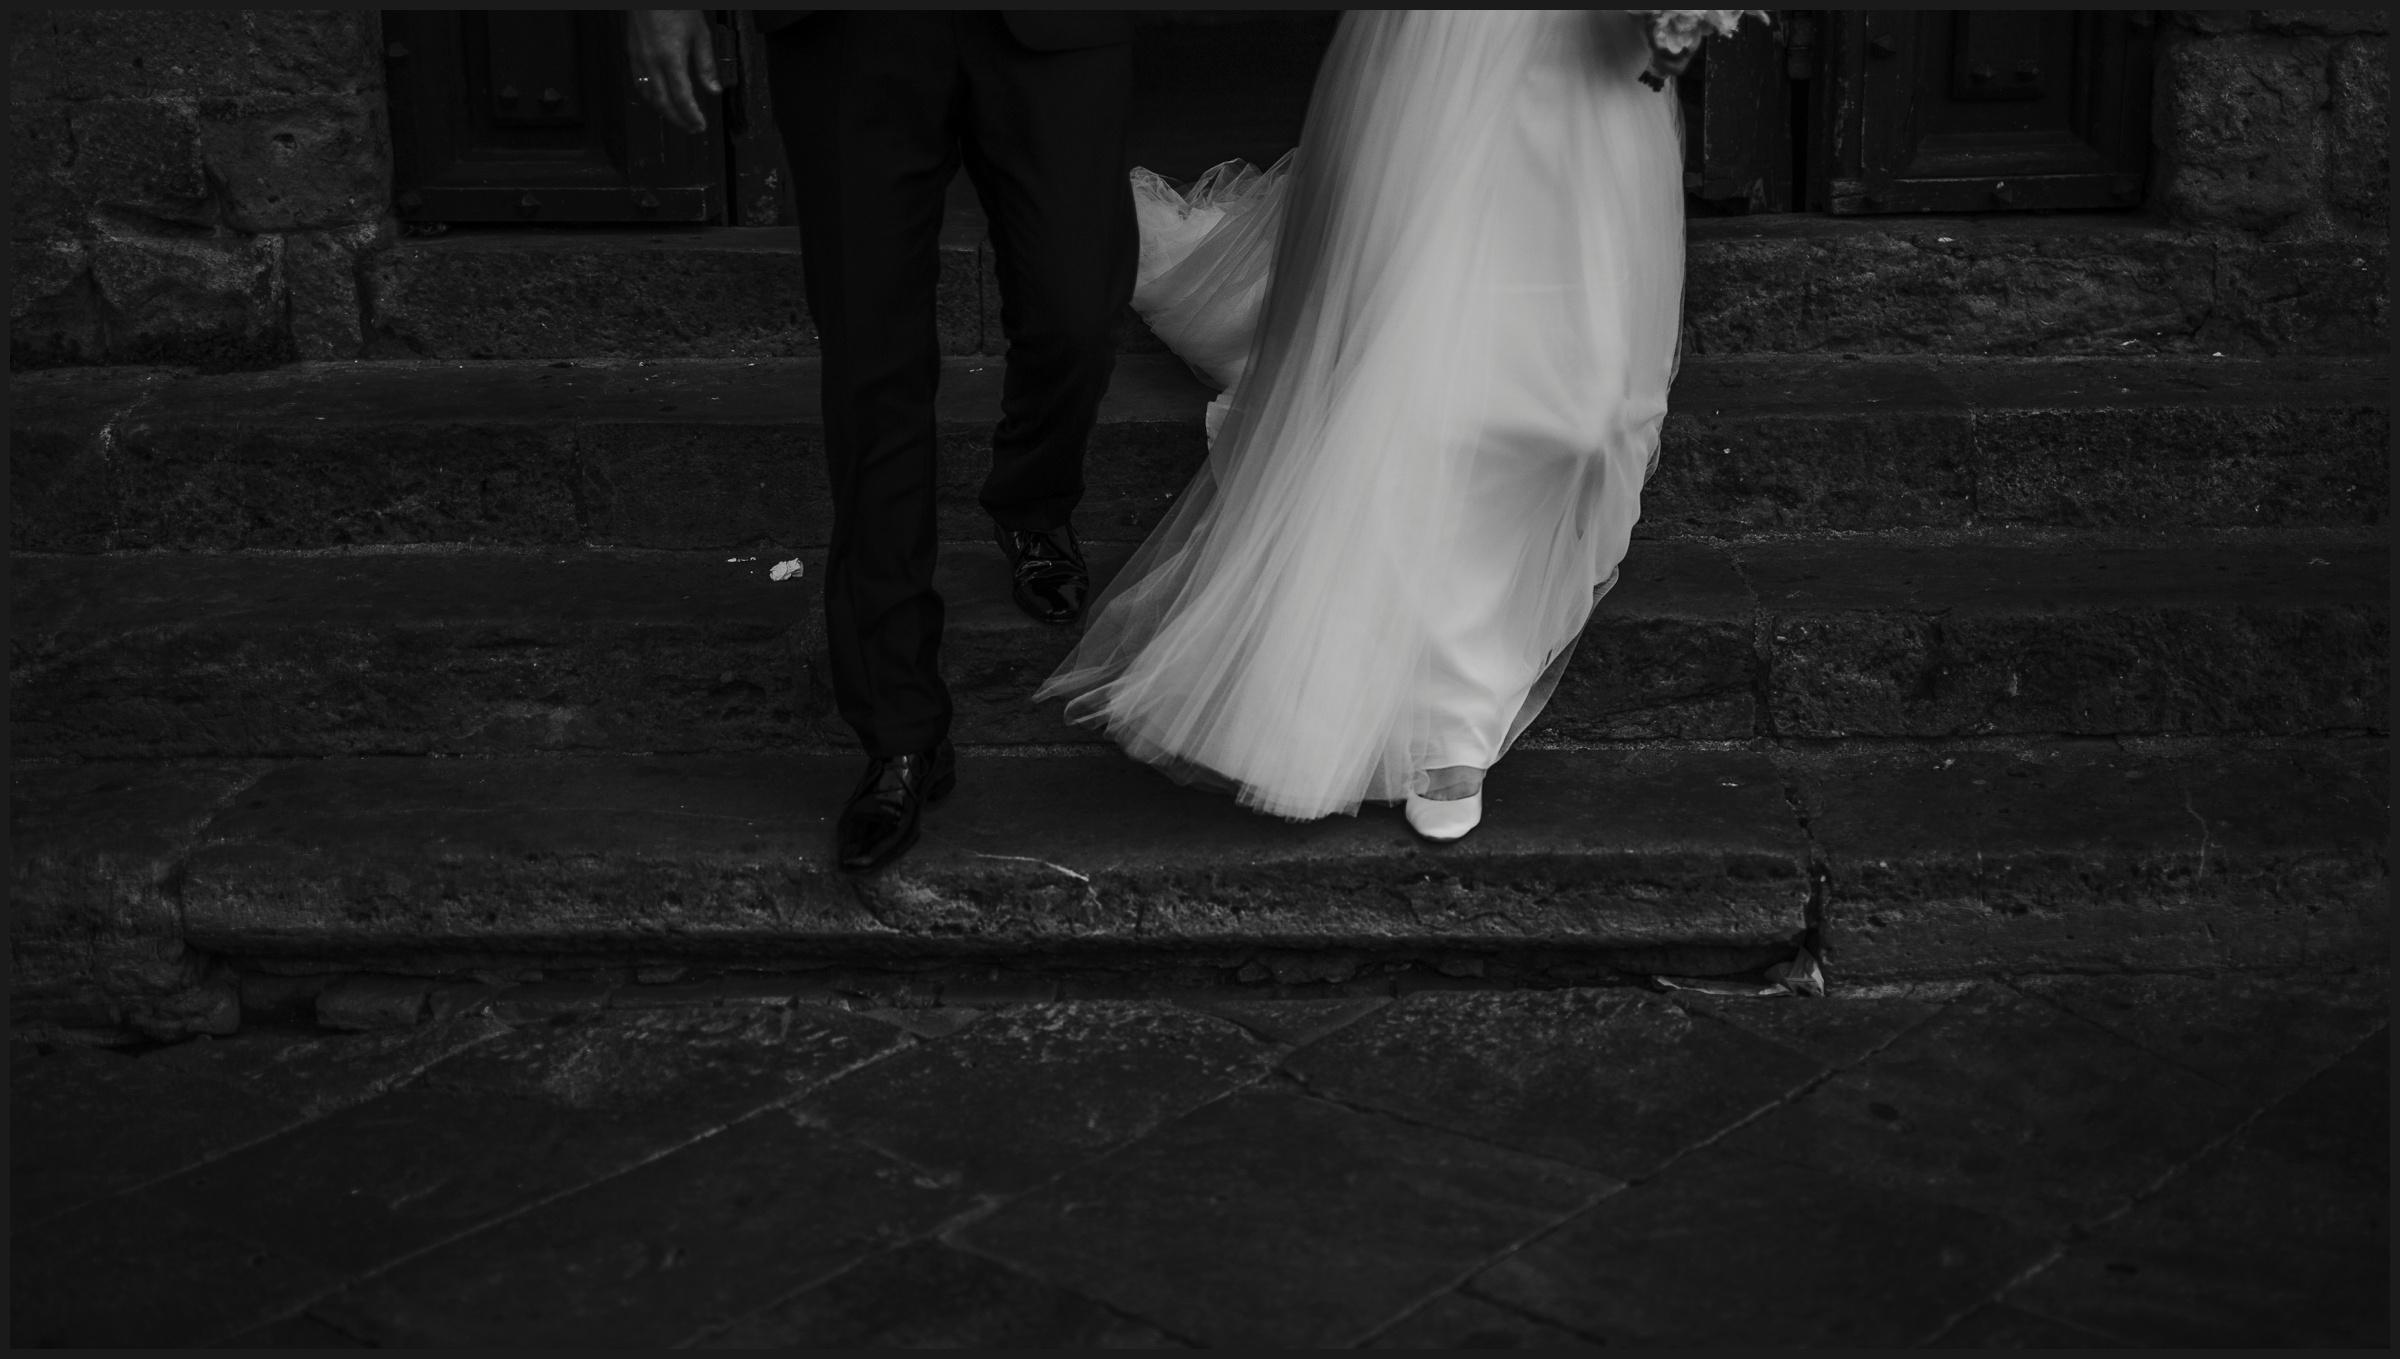 Norwegian bride and groom